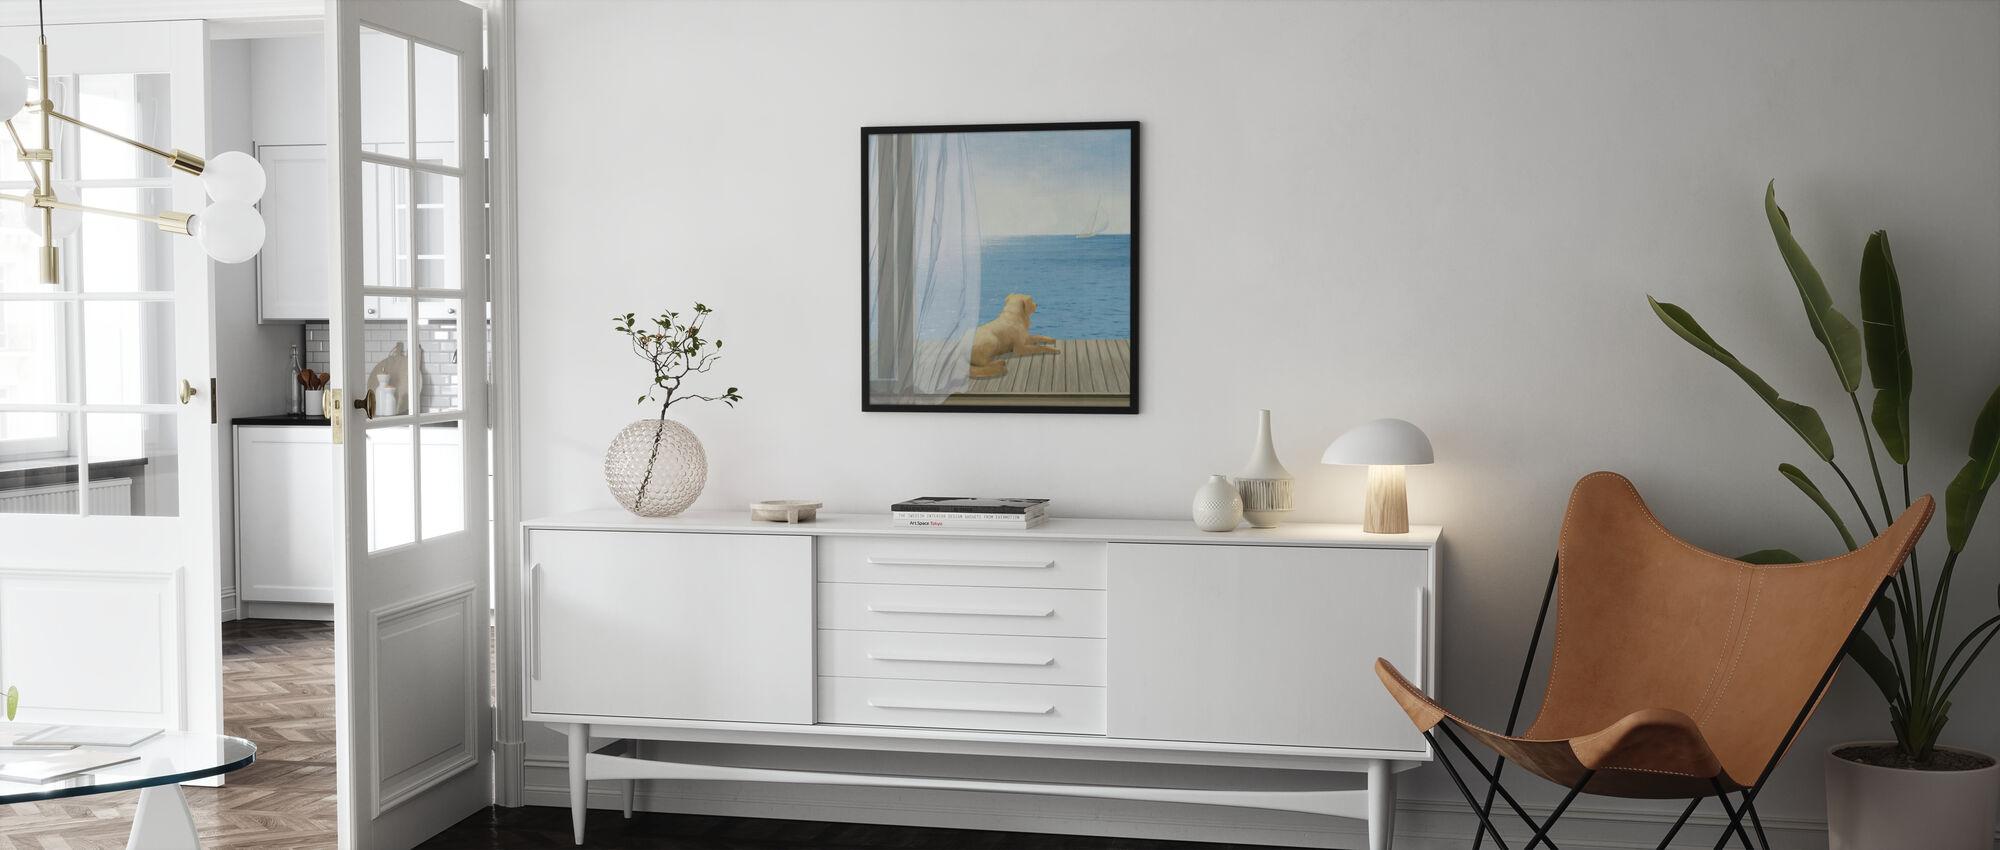 Blue Breeze 3 - Framed print - Living Room